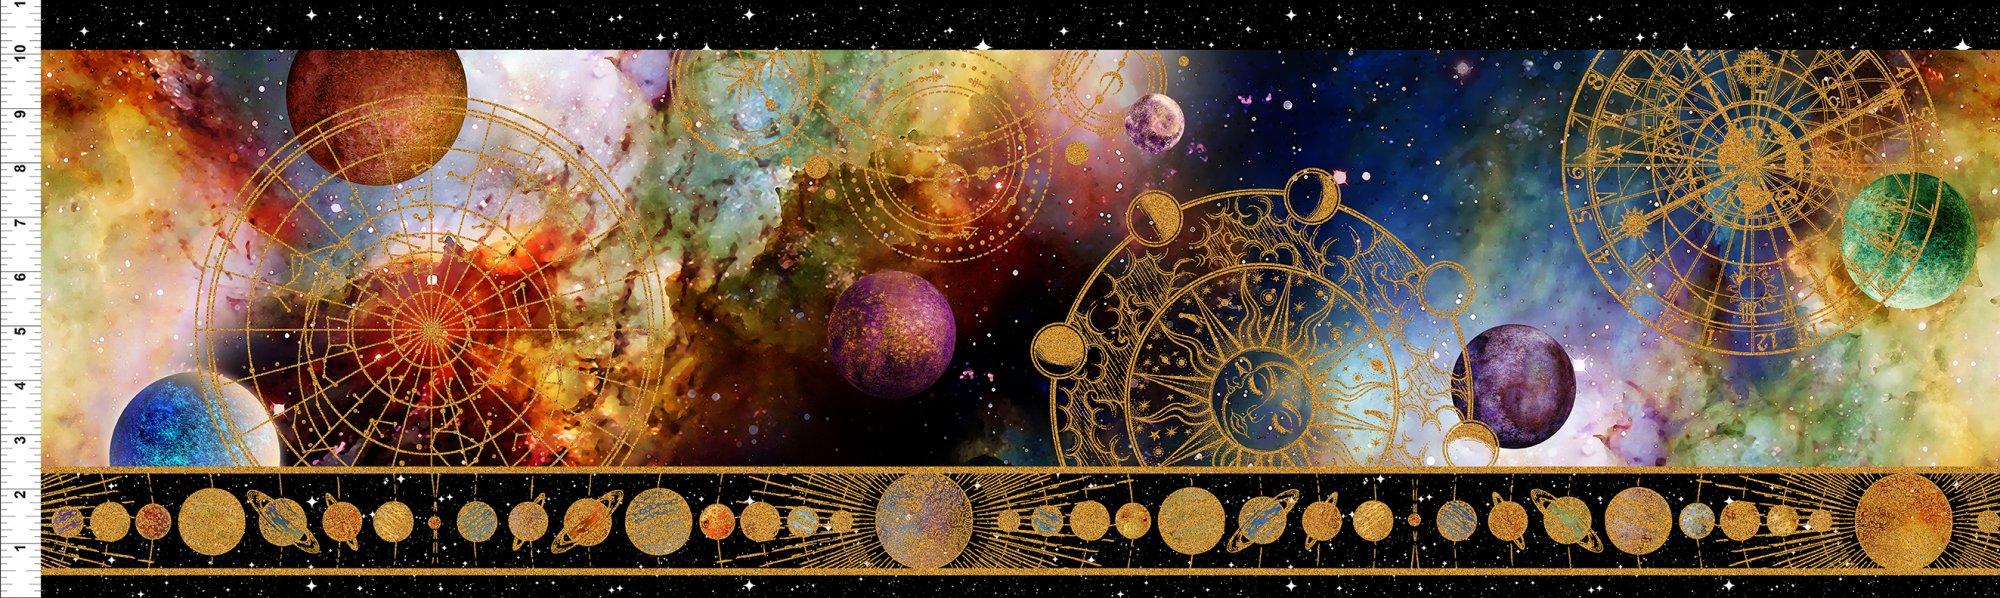 Cosmos - Border